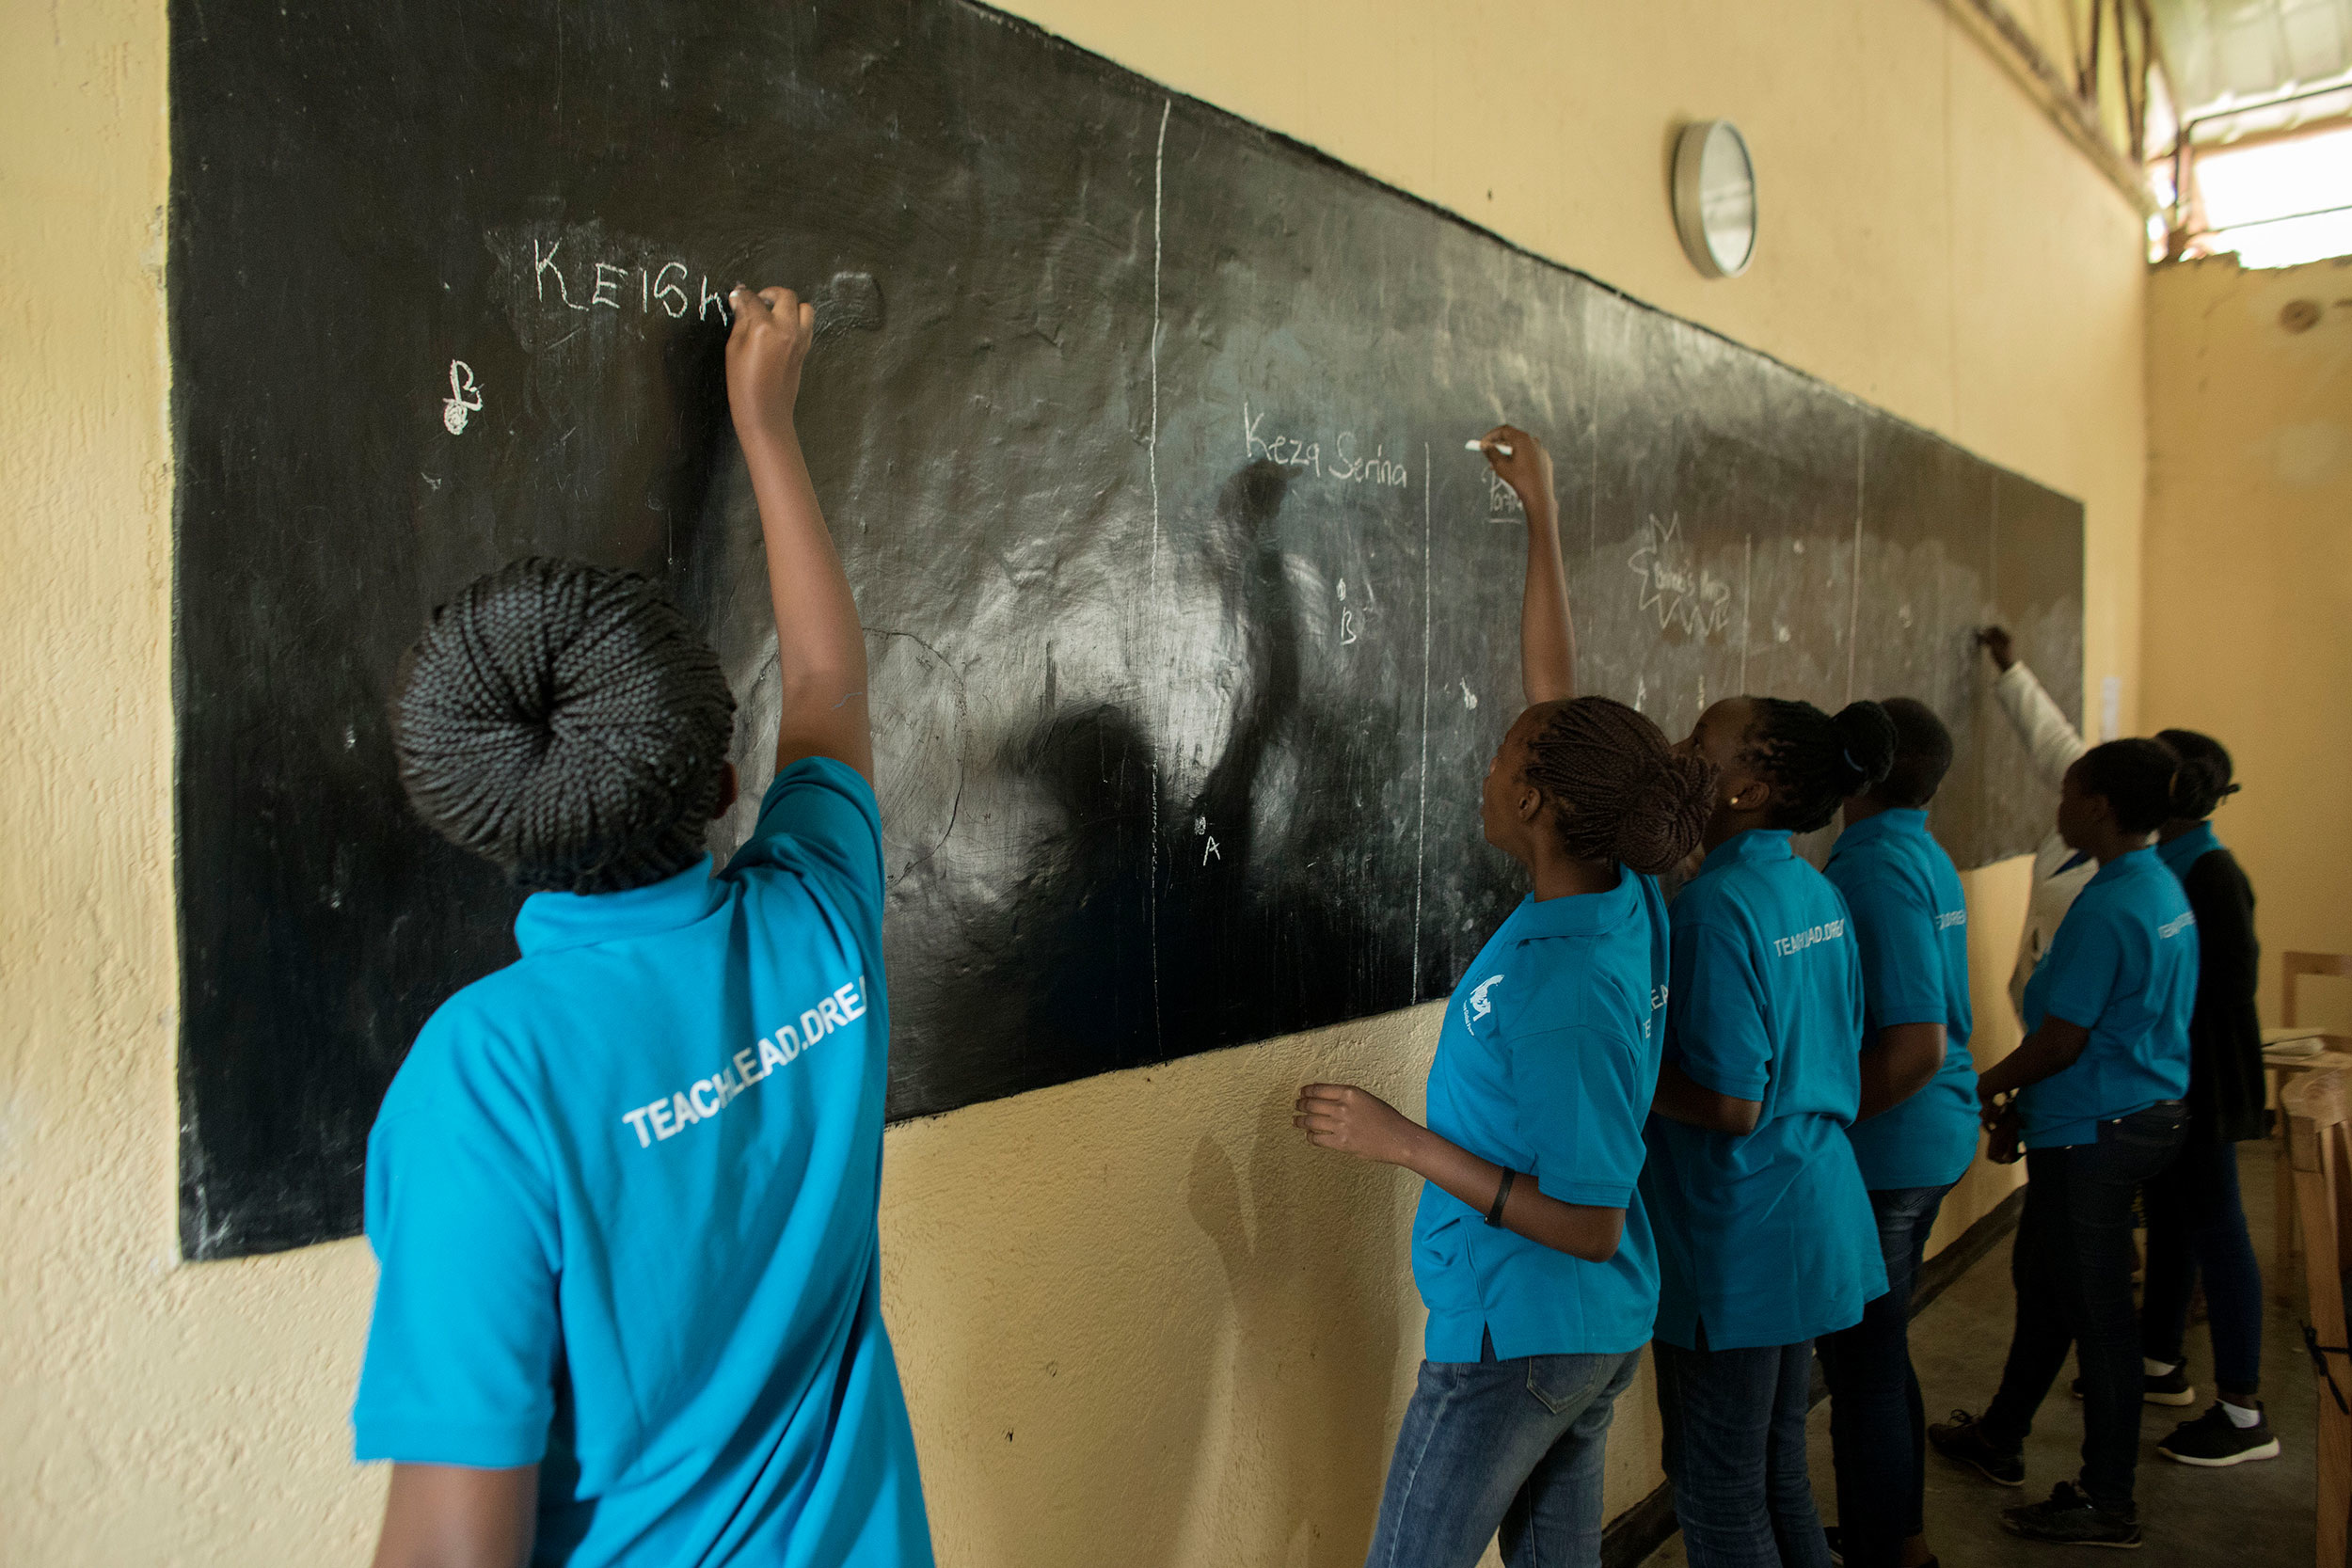 Se anima a los estudiantes de White Dove a tener clases interactivas y atractivas.